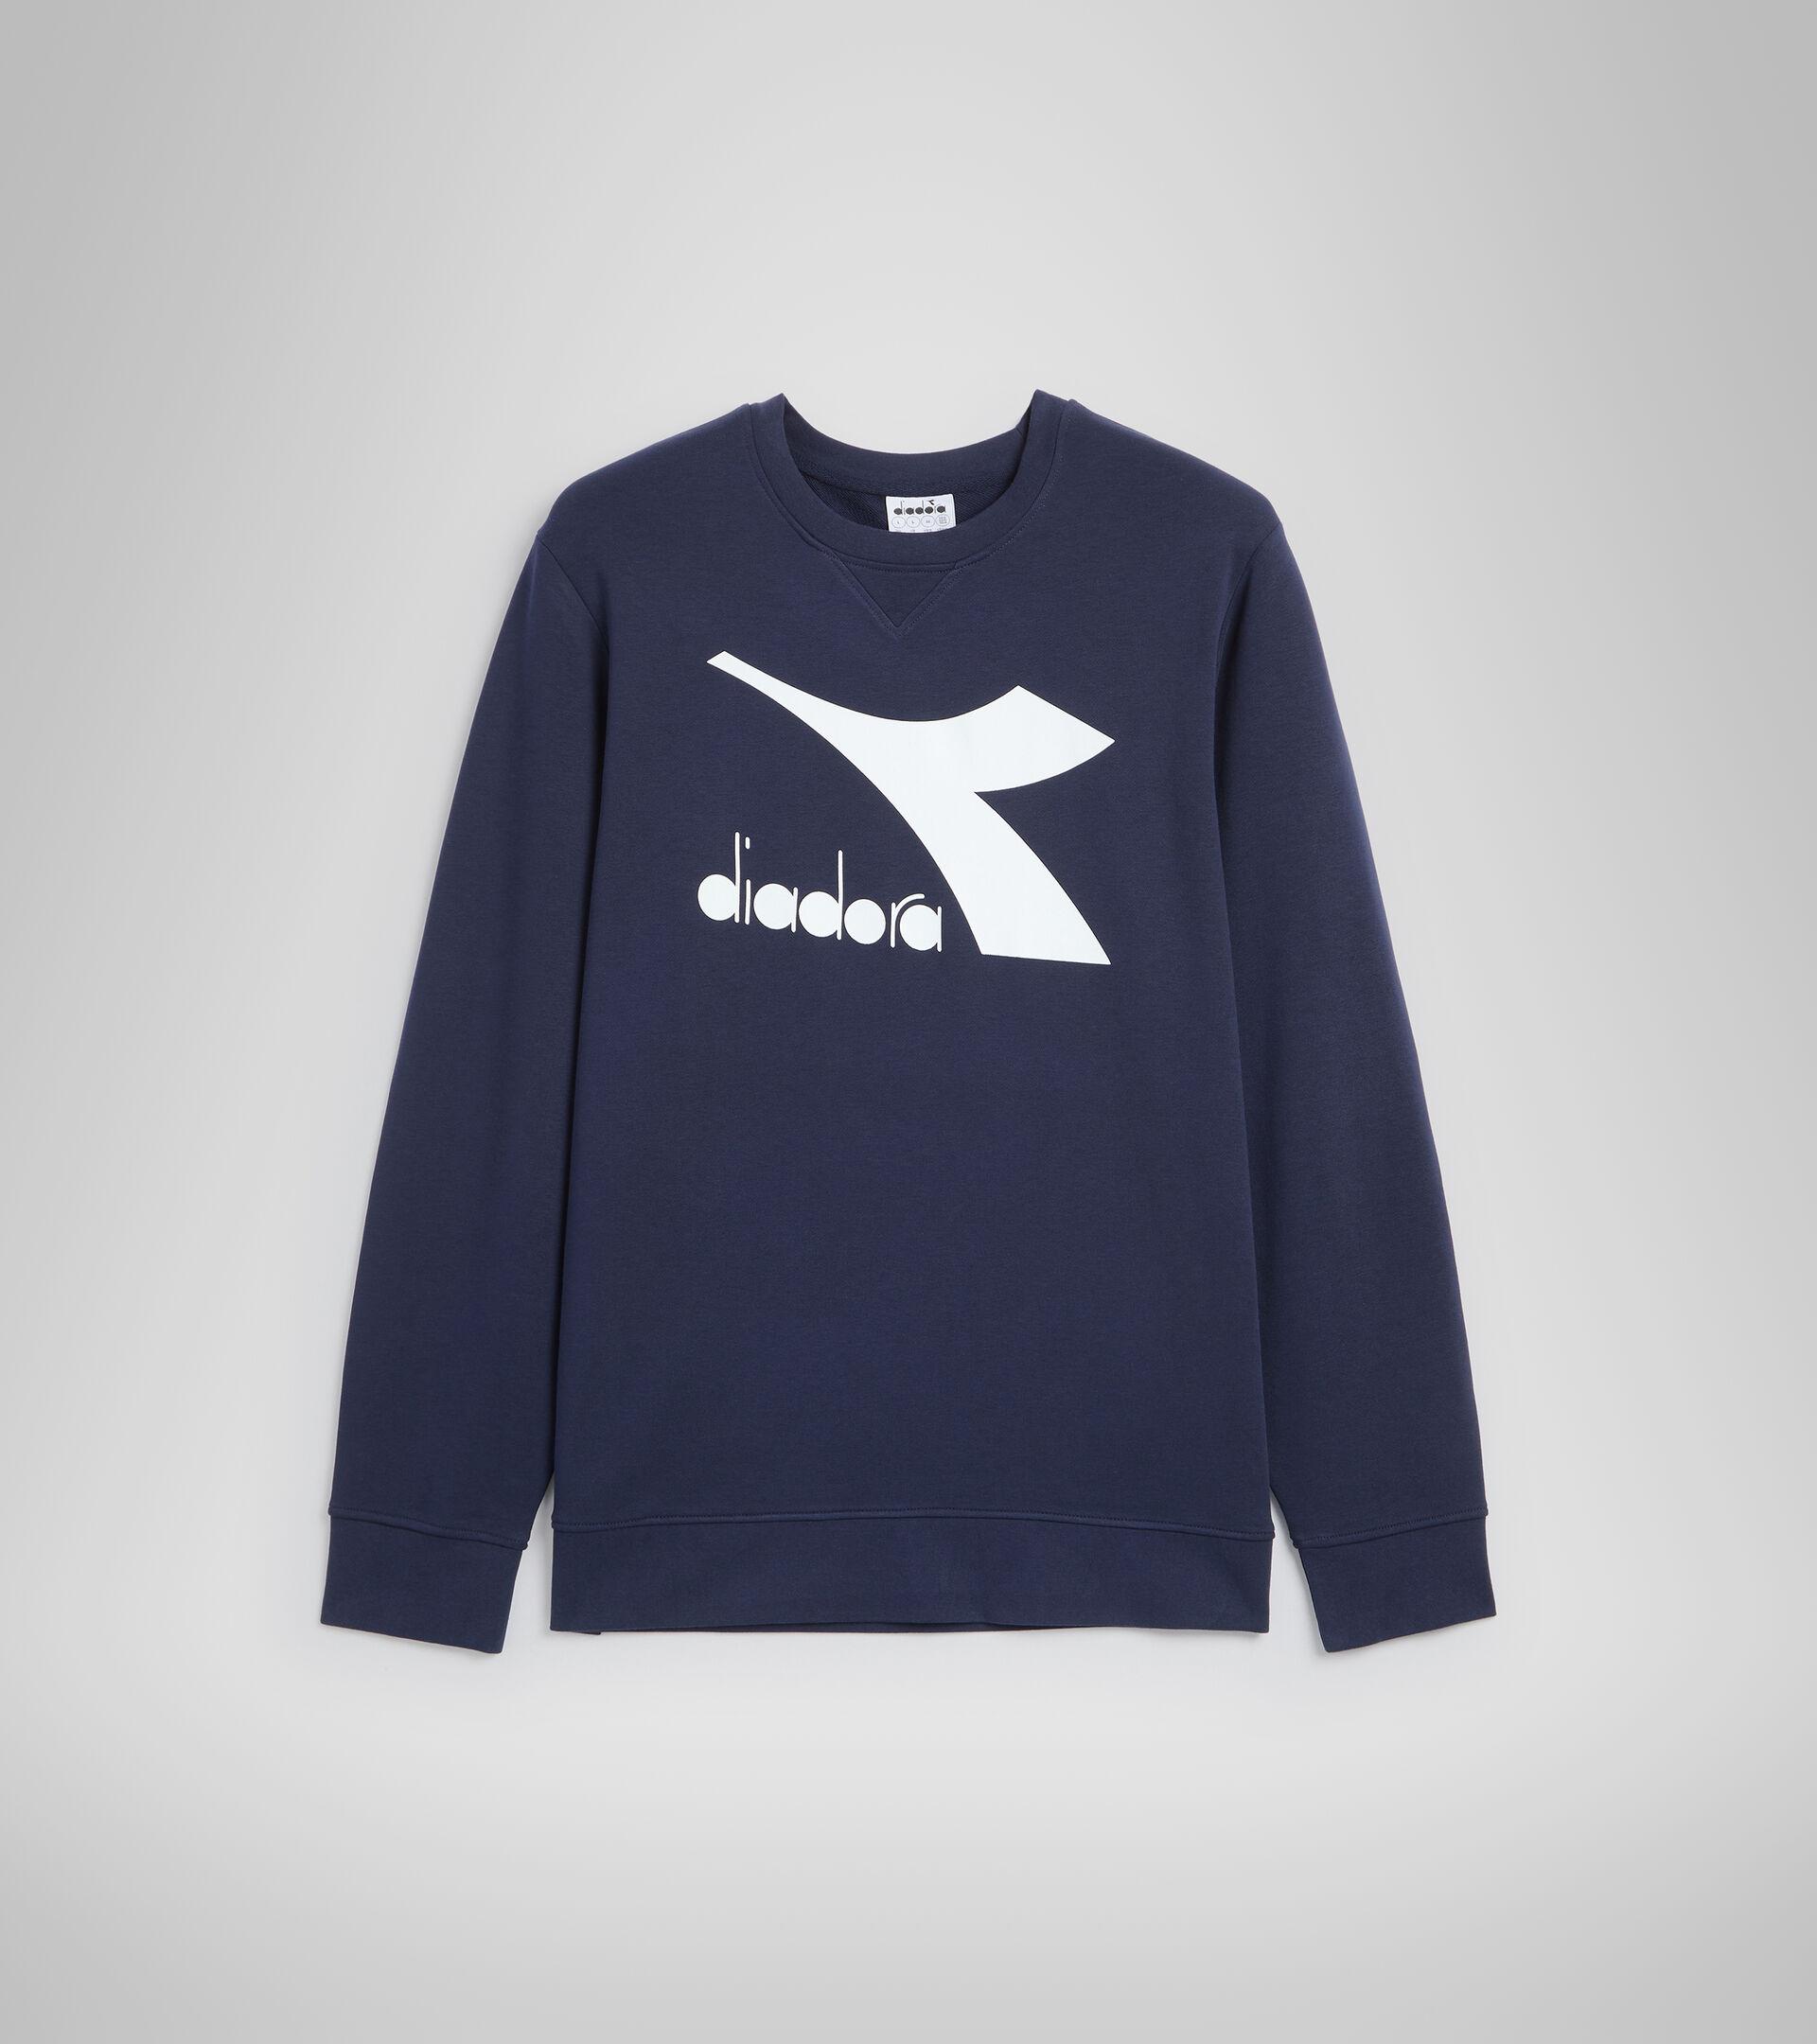 Sweater mit Rundhalsausschnitt - Herren SWEATSHIRT CREW LOGO CHROMIA CABAN BLAU - Diadora